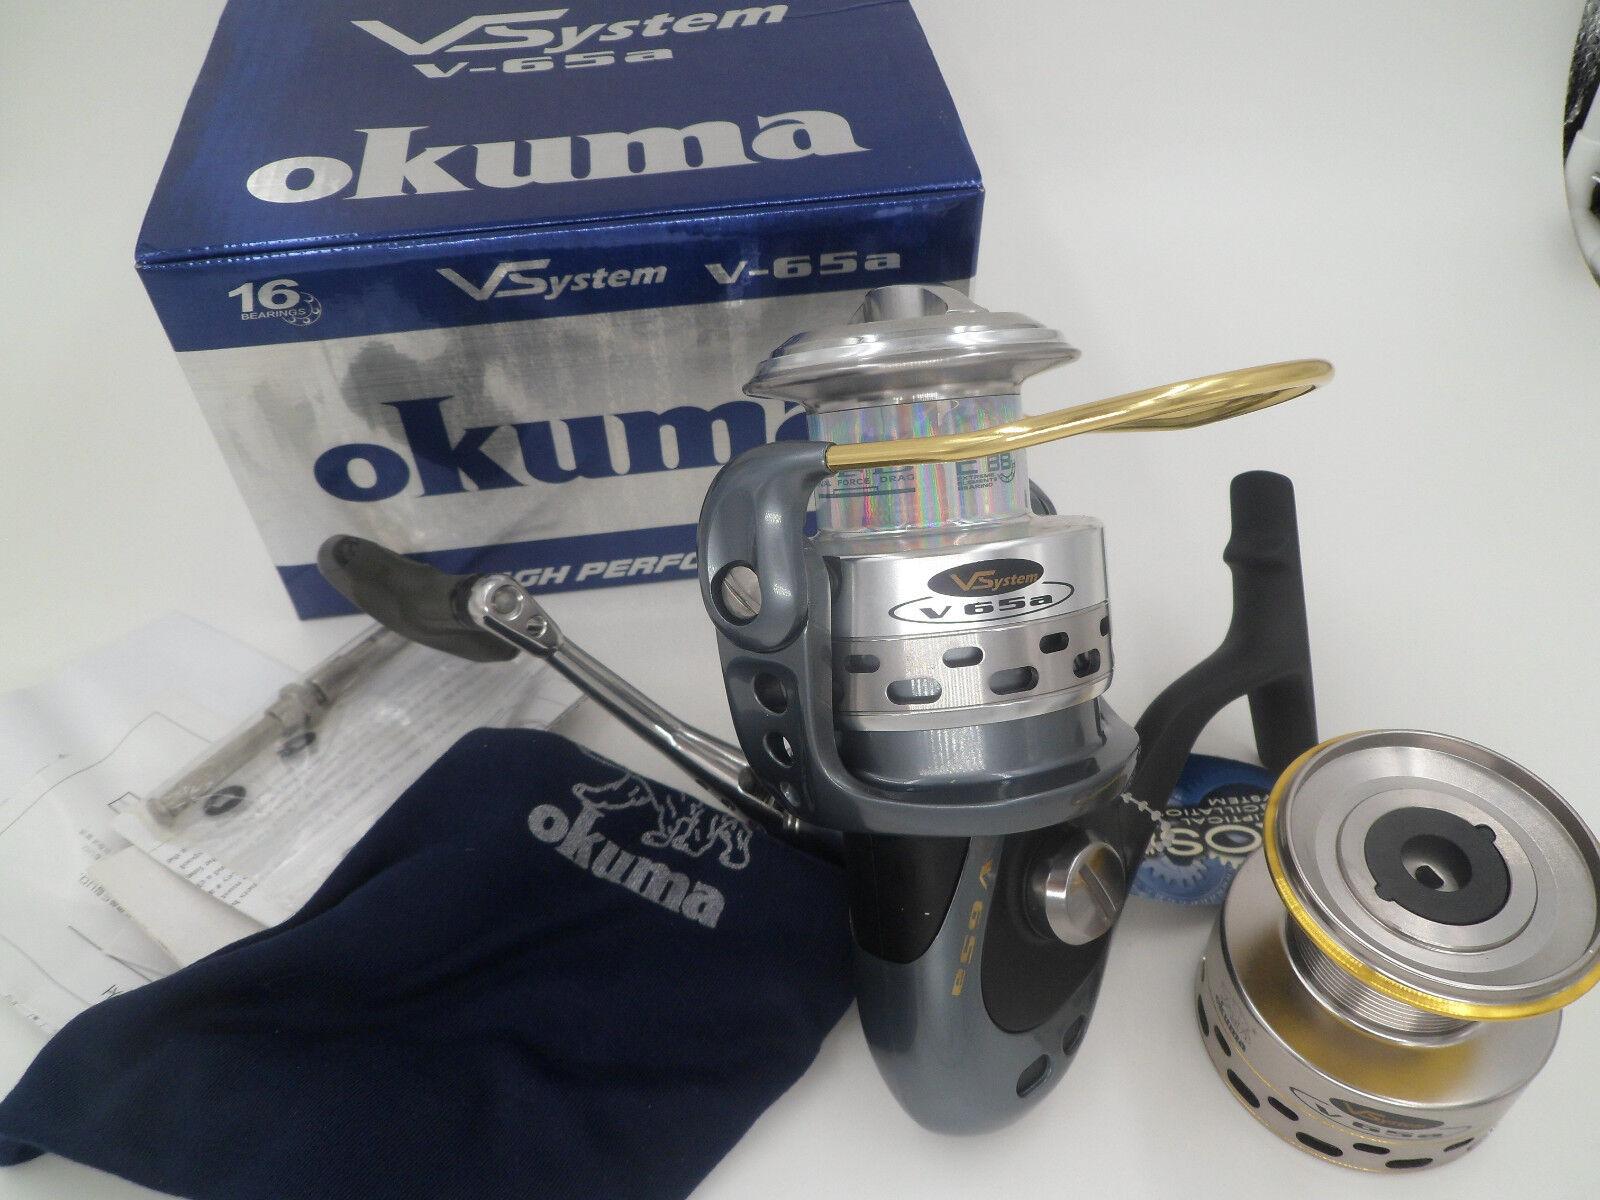 Okuma Vsystem V-65a Aluminum Spinning Fishing Reel with extra spool 15B+1RB